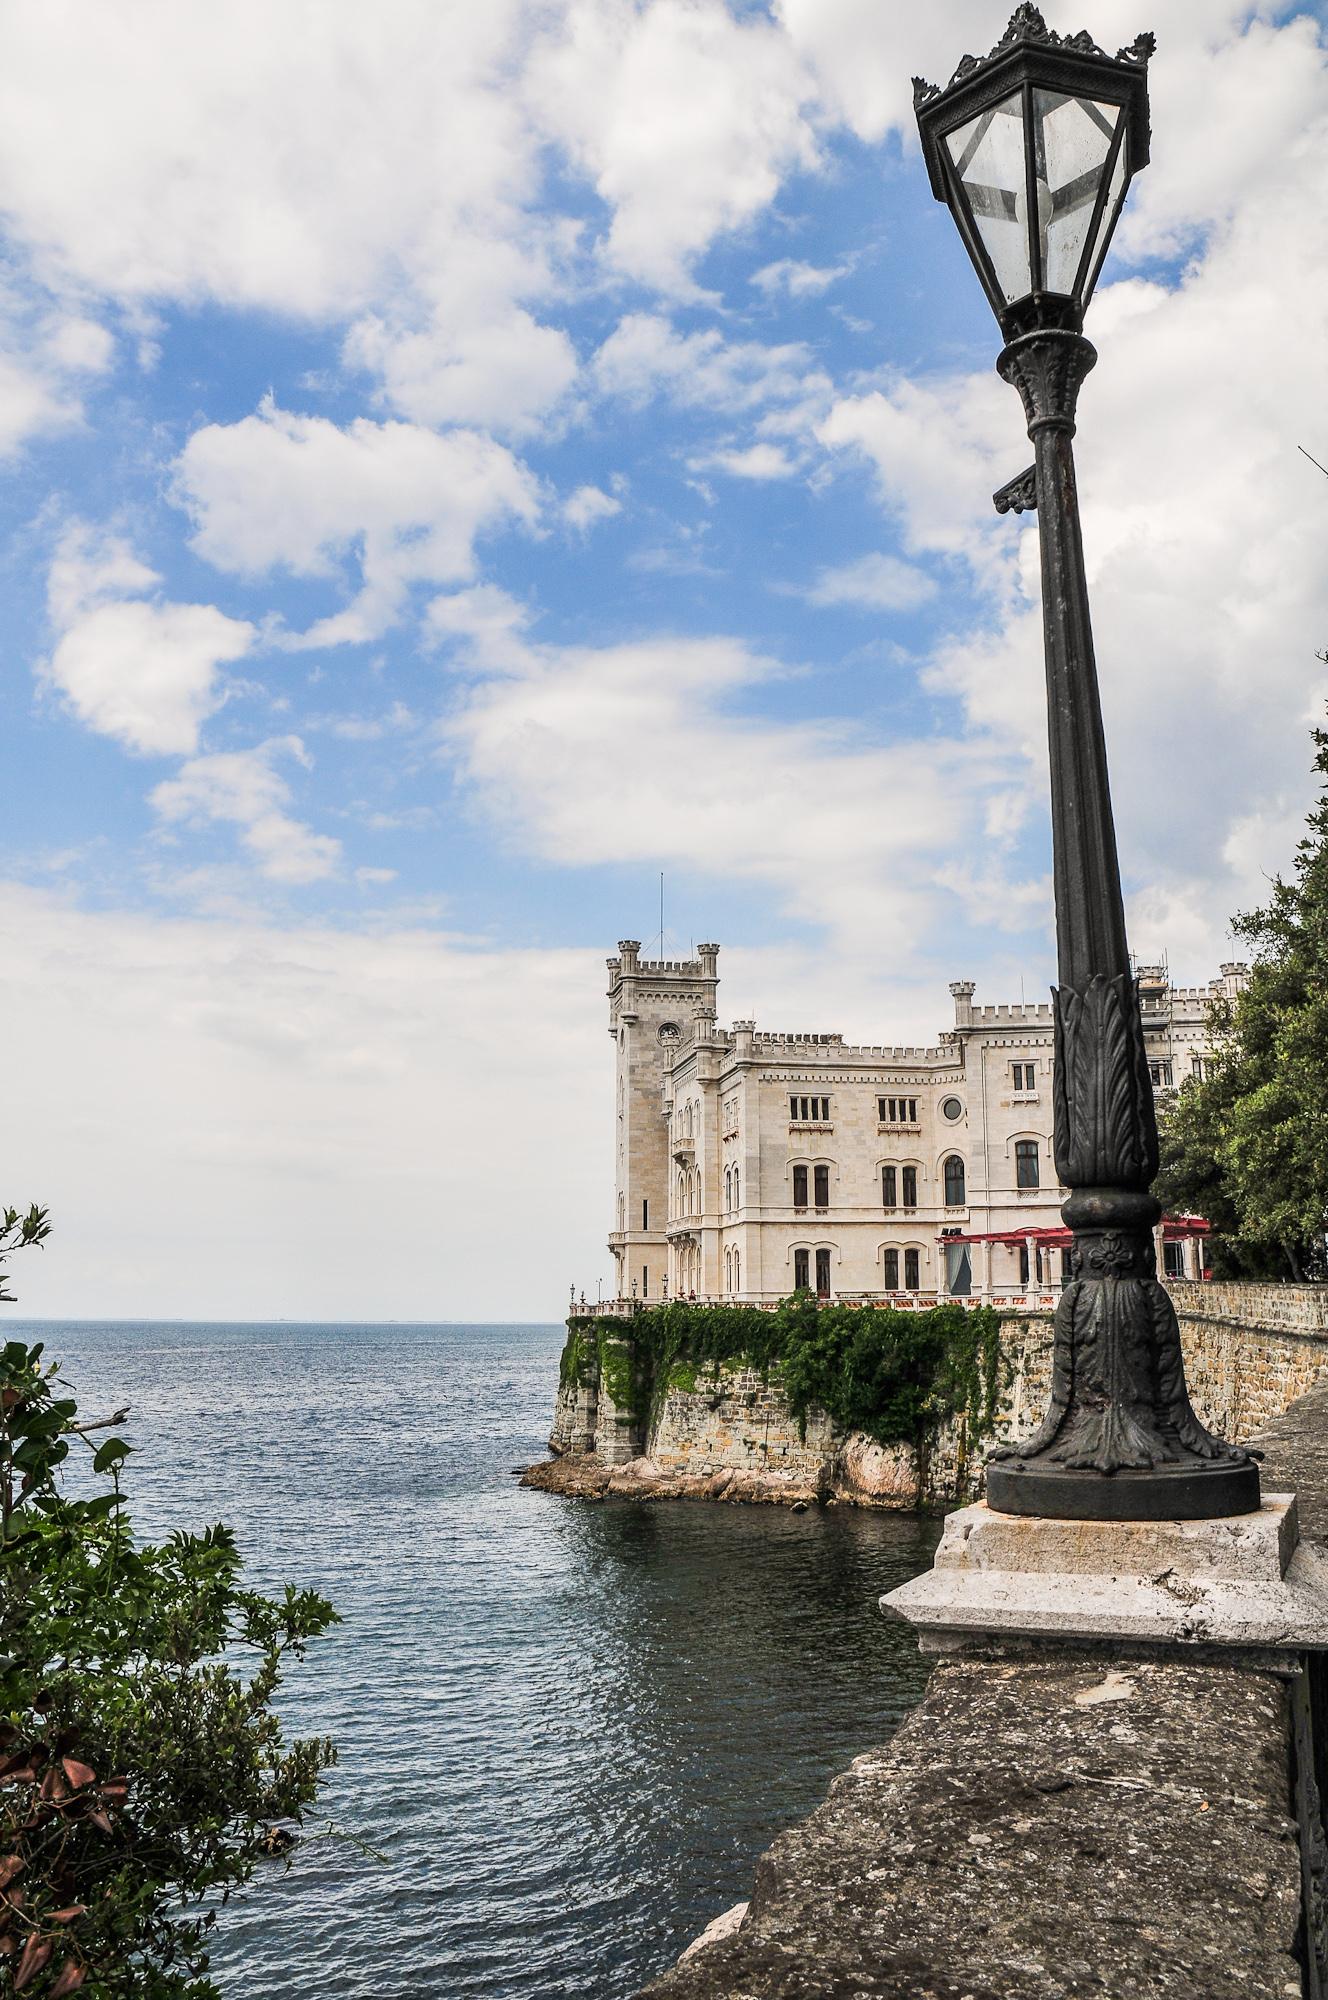 Trieste Castello di Miramare Foto File:castello di Miramare